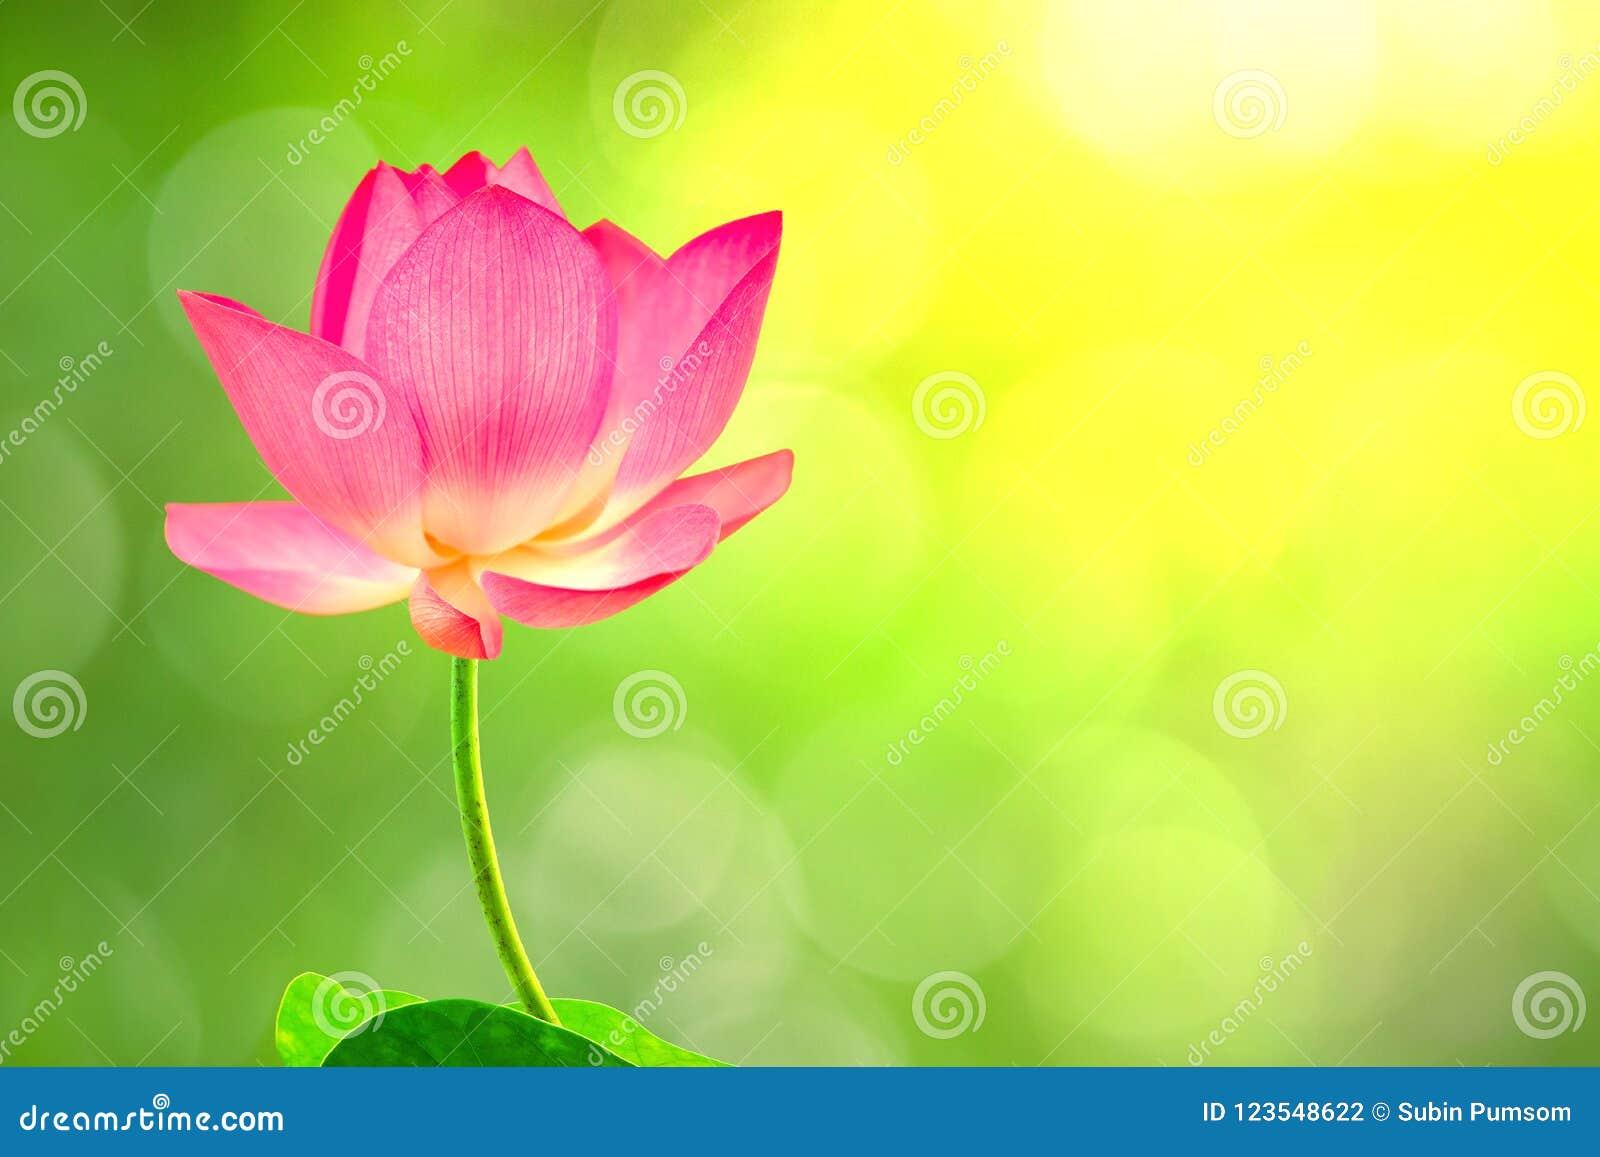 Image Courante Gratuite De Haute Qualite De Redevance D Une Fleur De